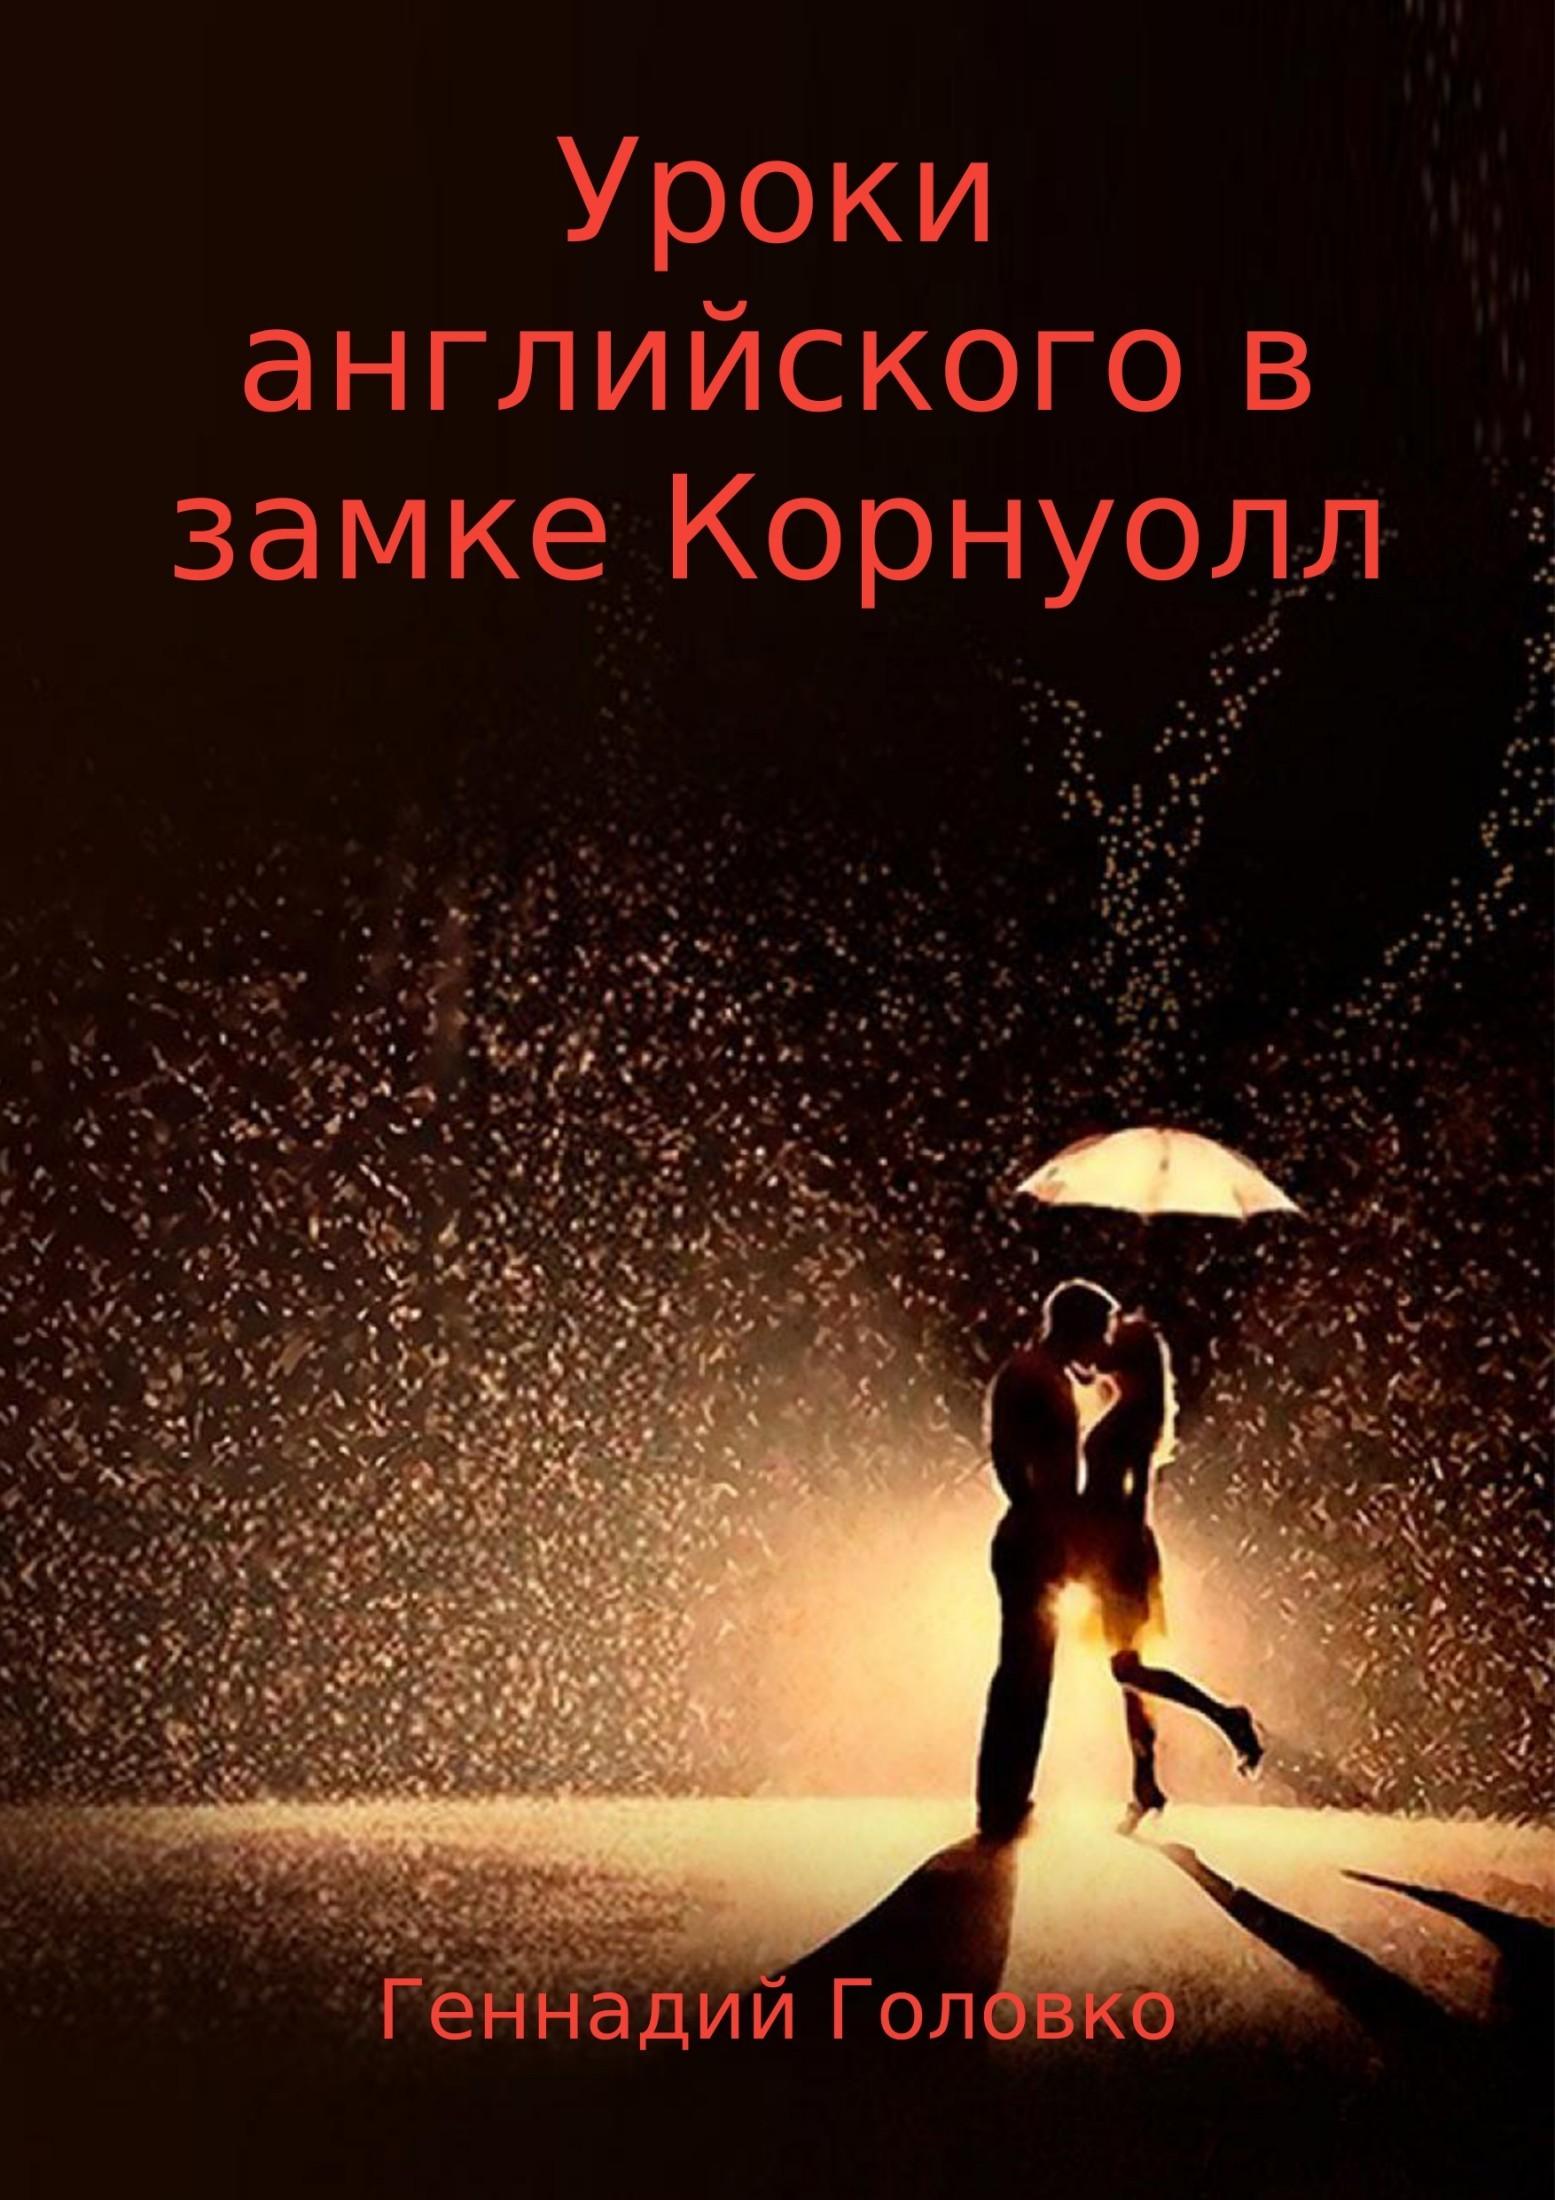 Геннадий Головко бесплатно